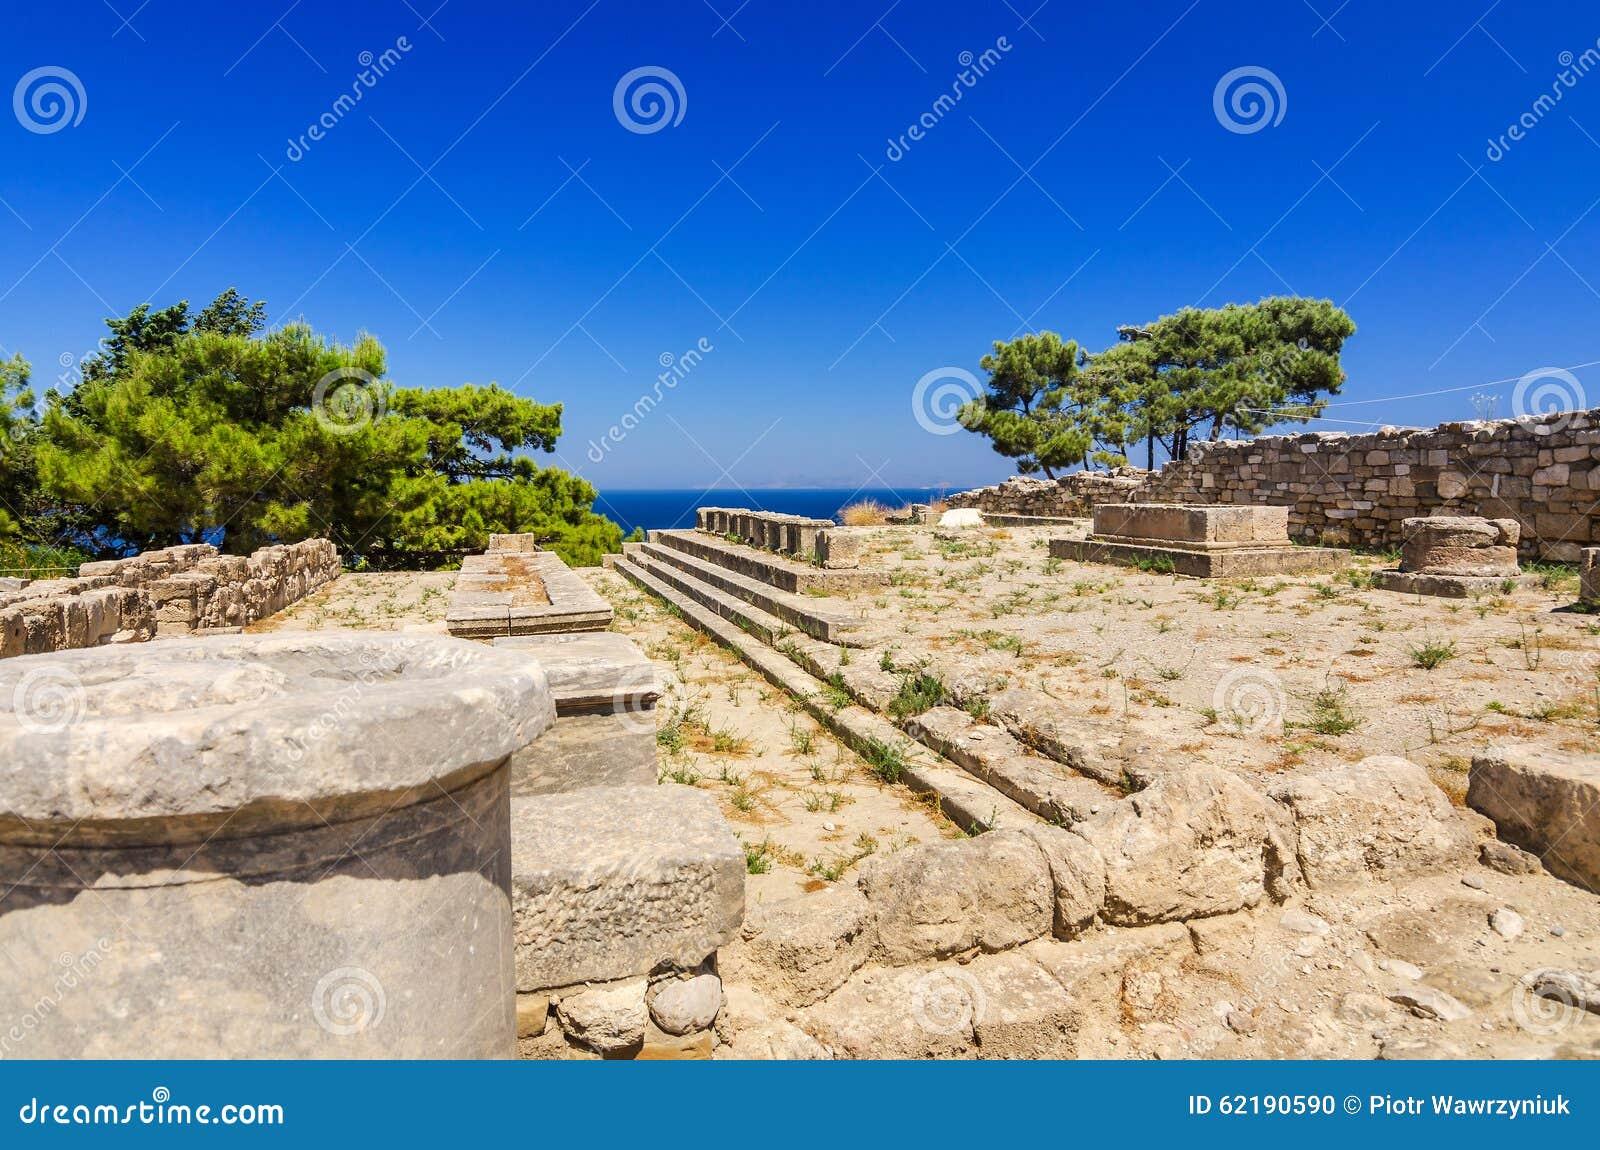 Αρχαία σημάδια αρχιτεκτονικής σε Kamiros